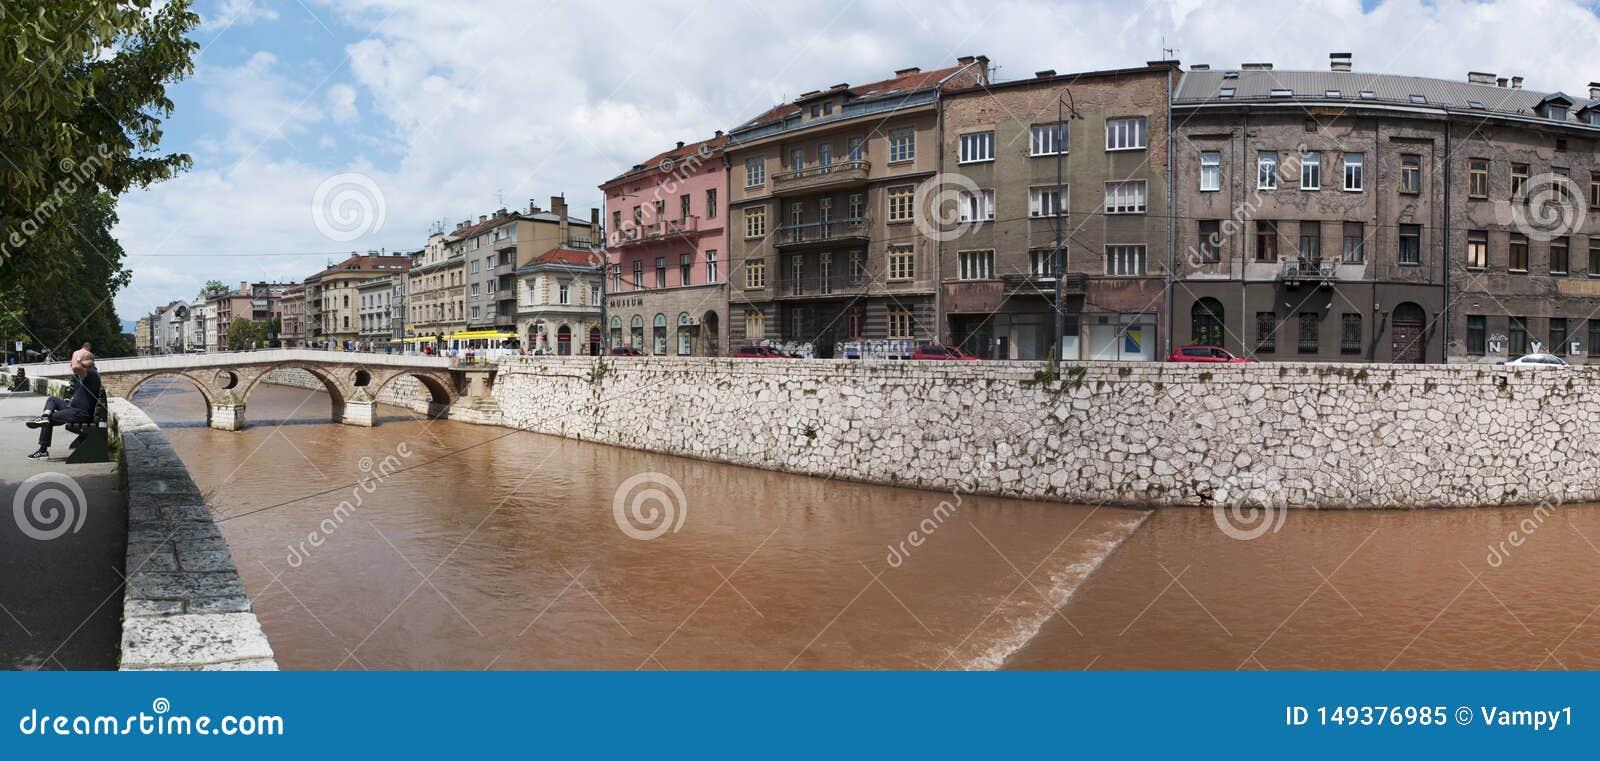 Sarajevo Bosnia And Herzegovina Skyline Latin Bridge